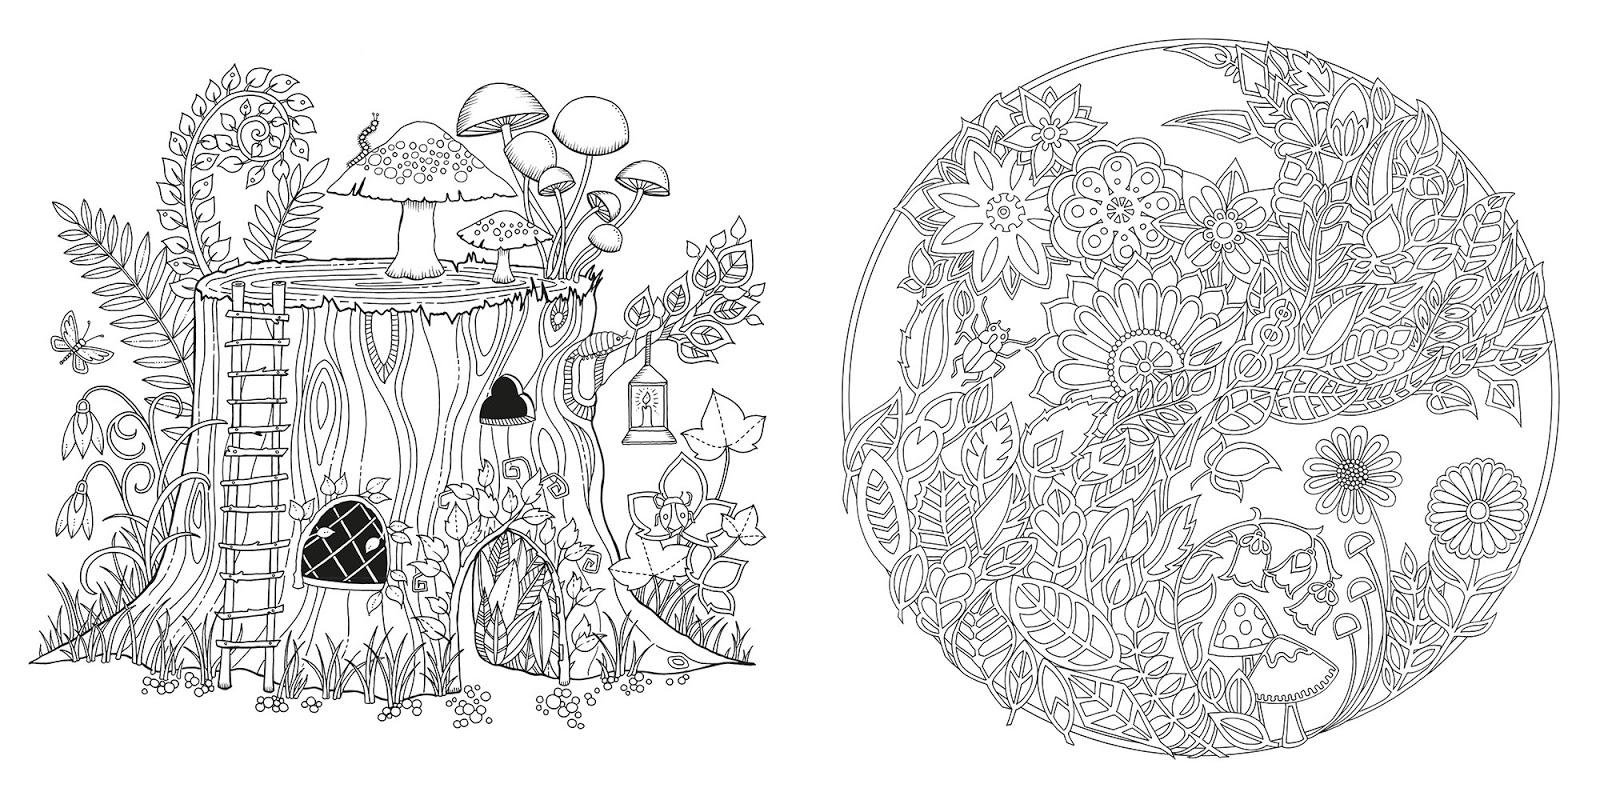 Днем рождения, раскраска джоанны басфорд зачарованный лес образцы раскраски